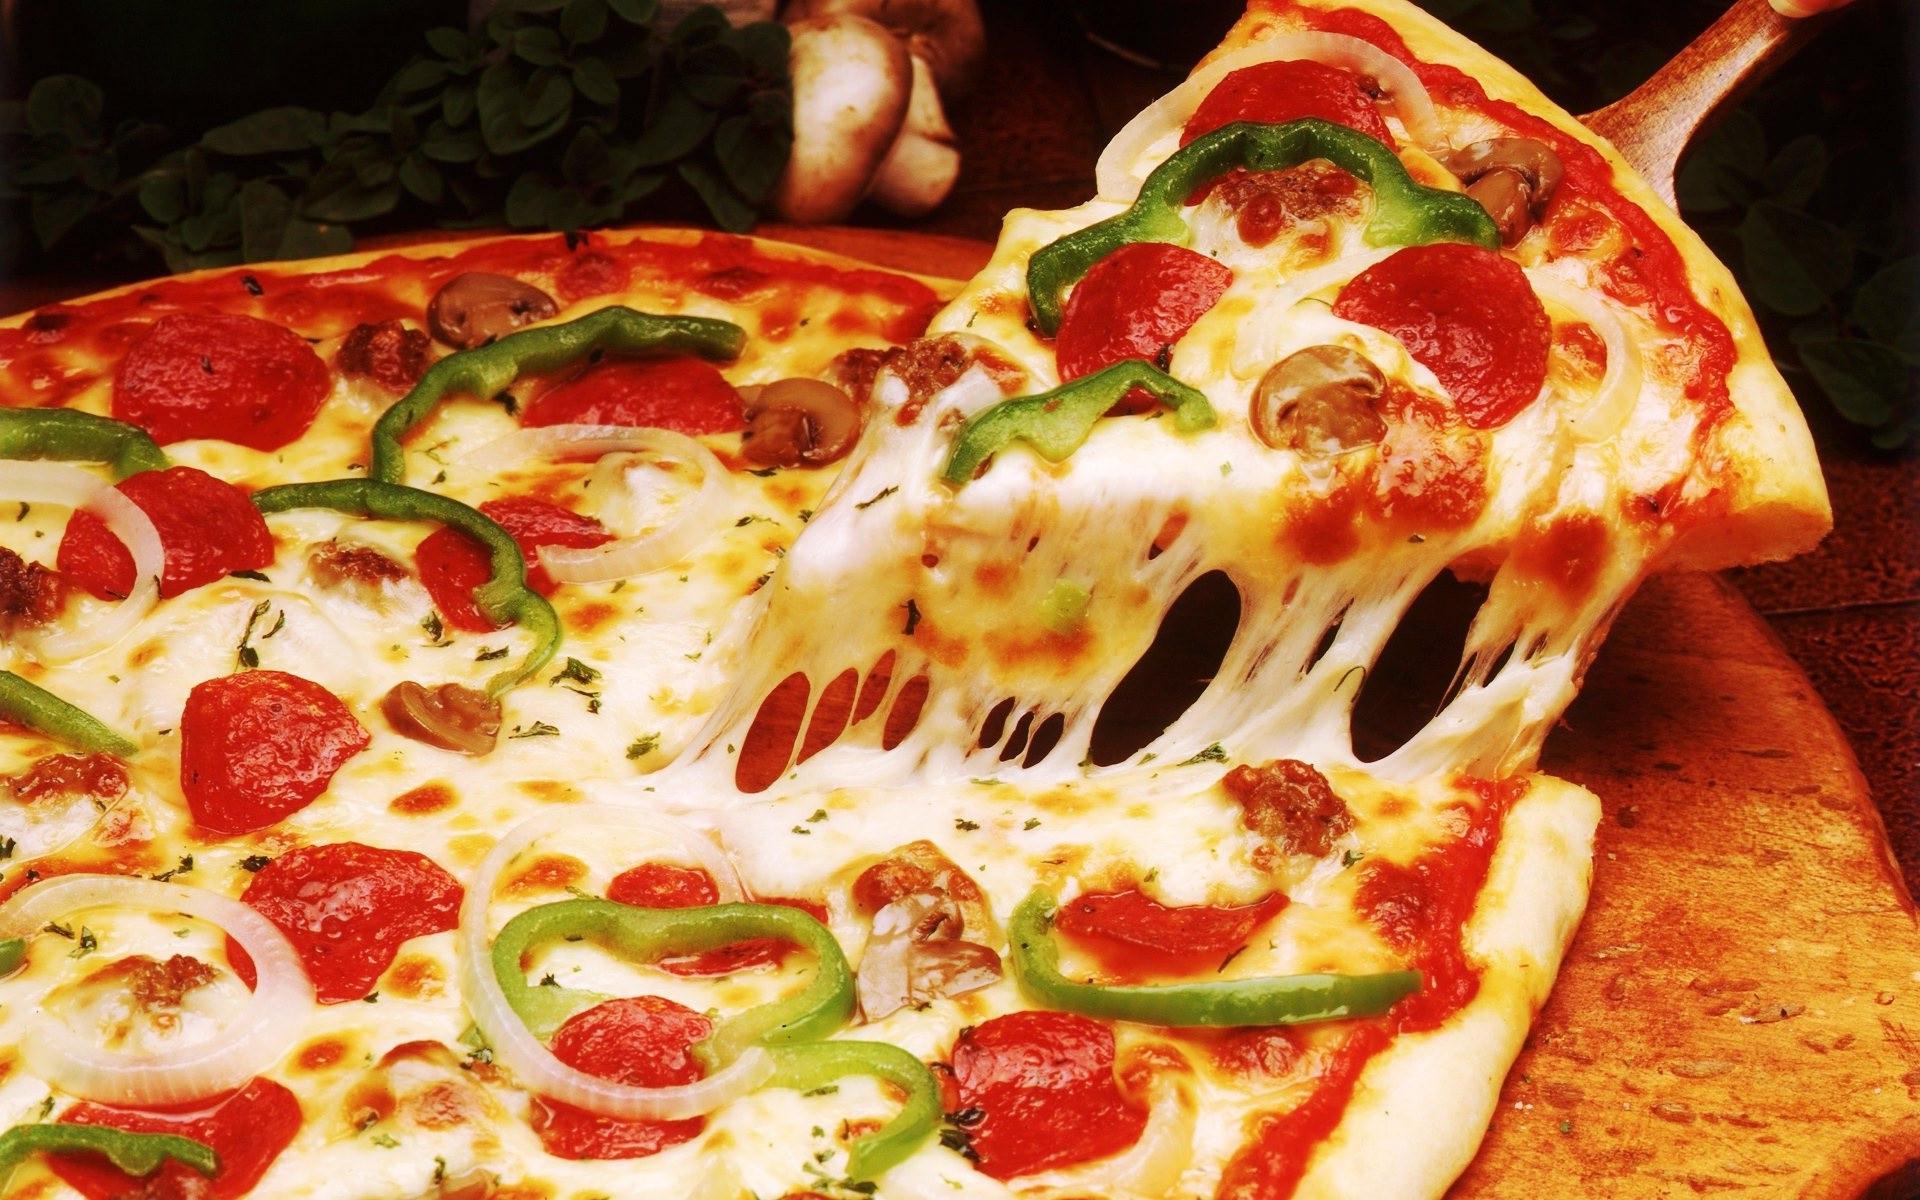 Пицца с доставкой на дом: вкусно поесть теперь не проблема